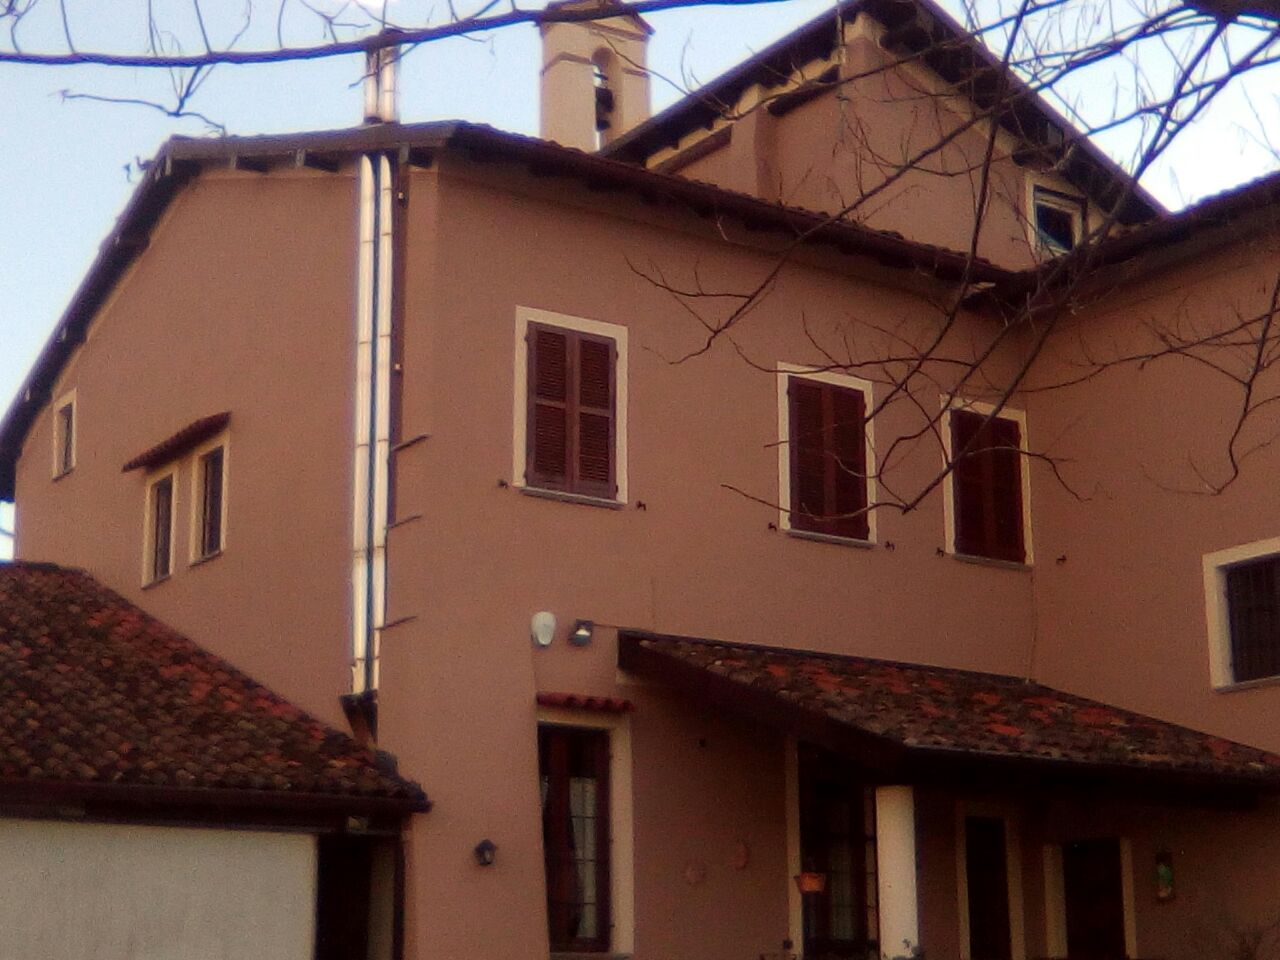 facciata esterna di una casa pitturata